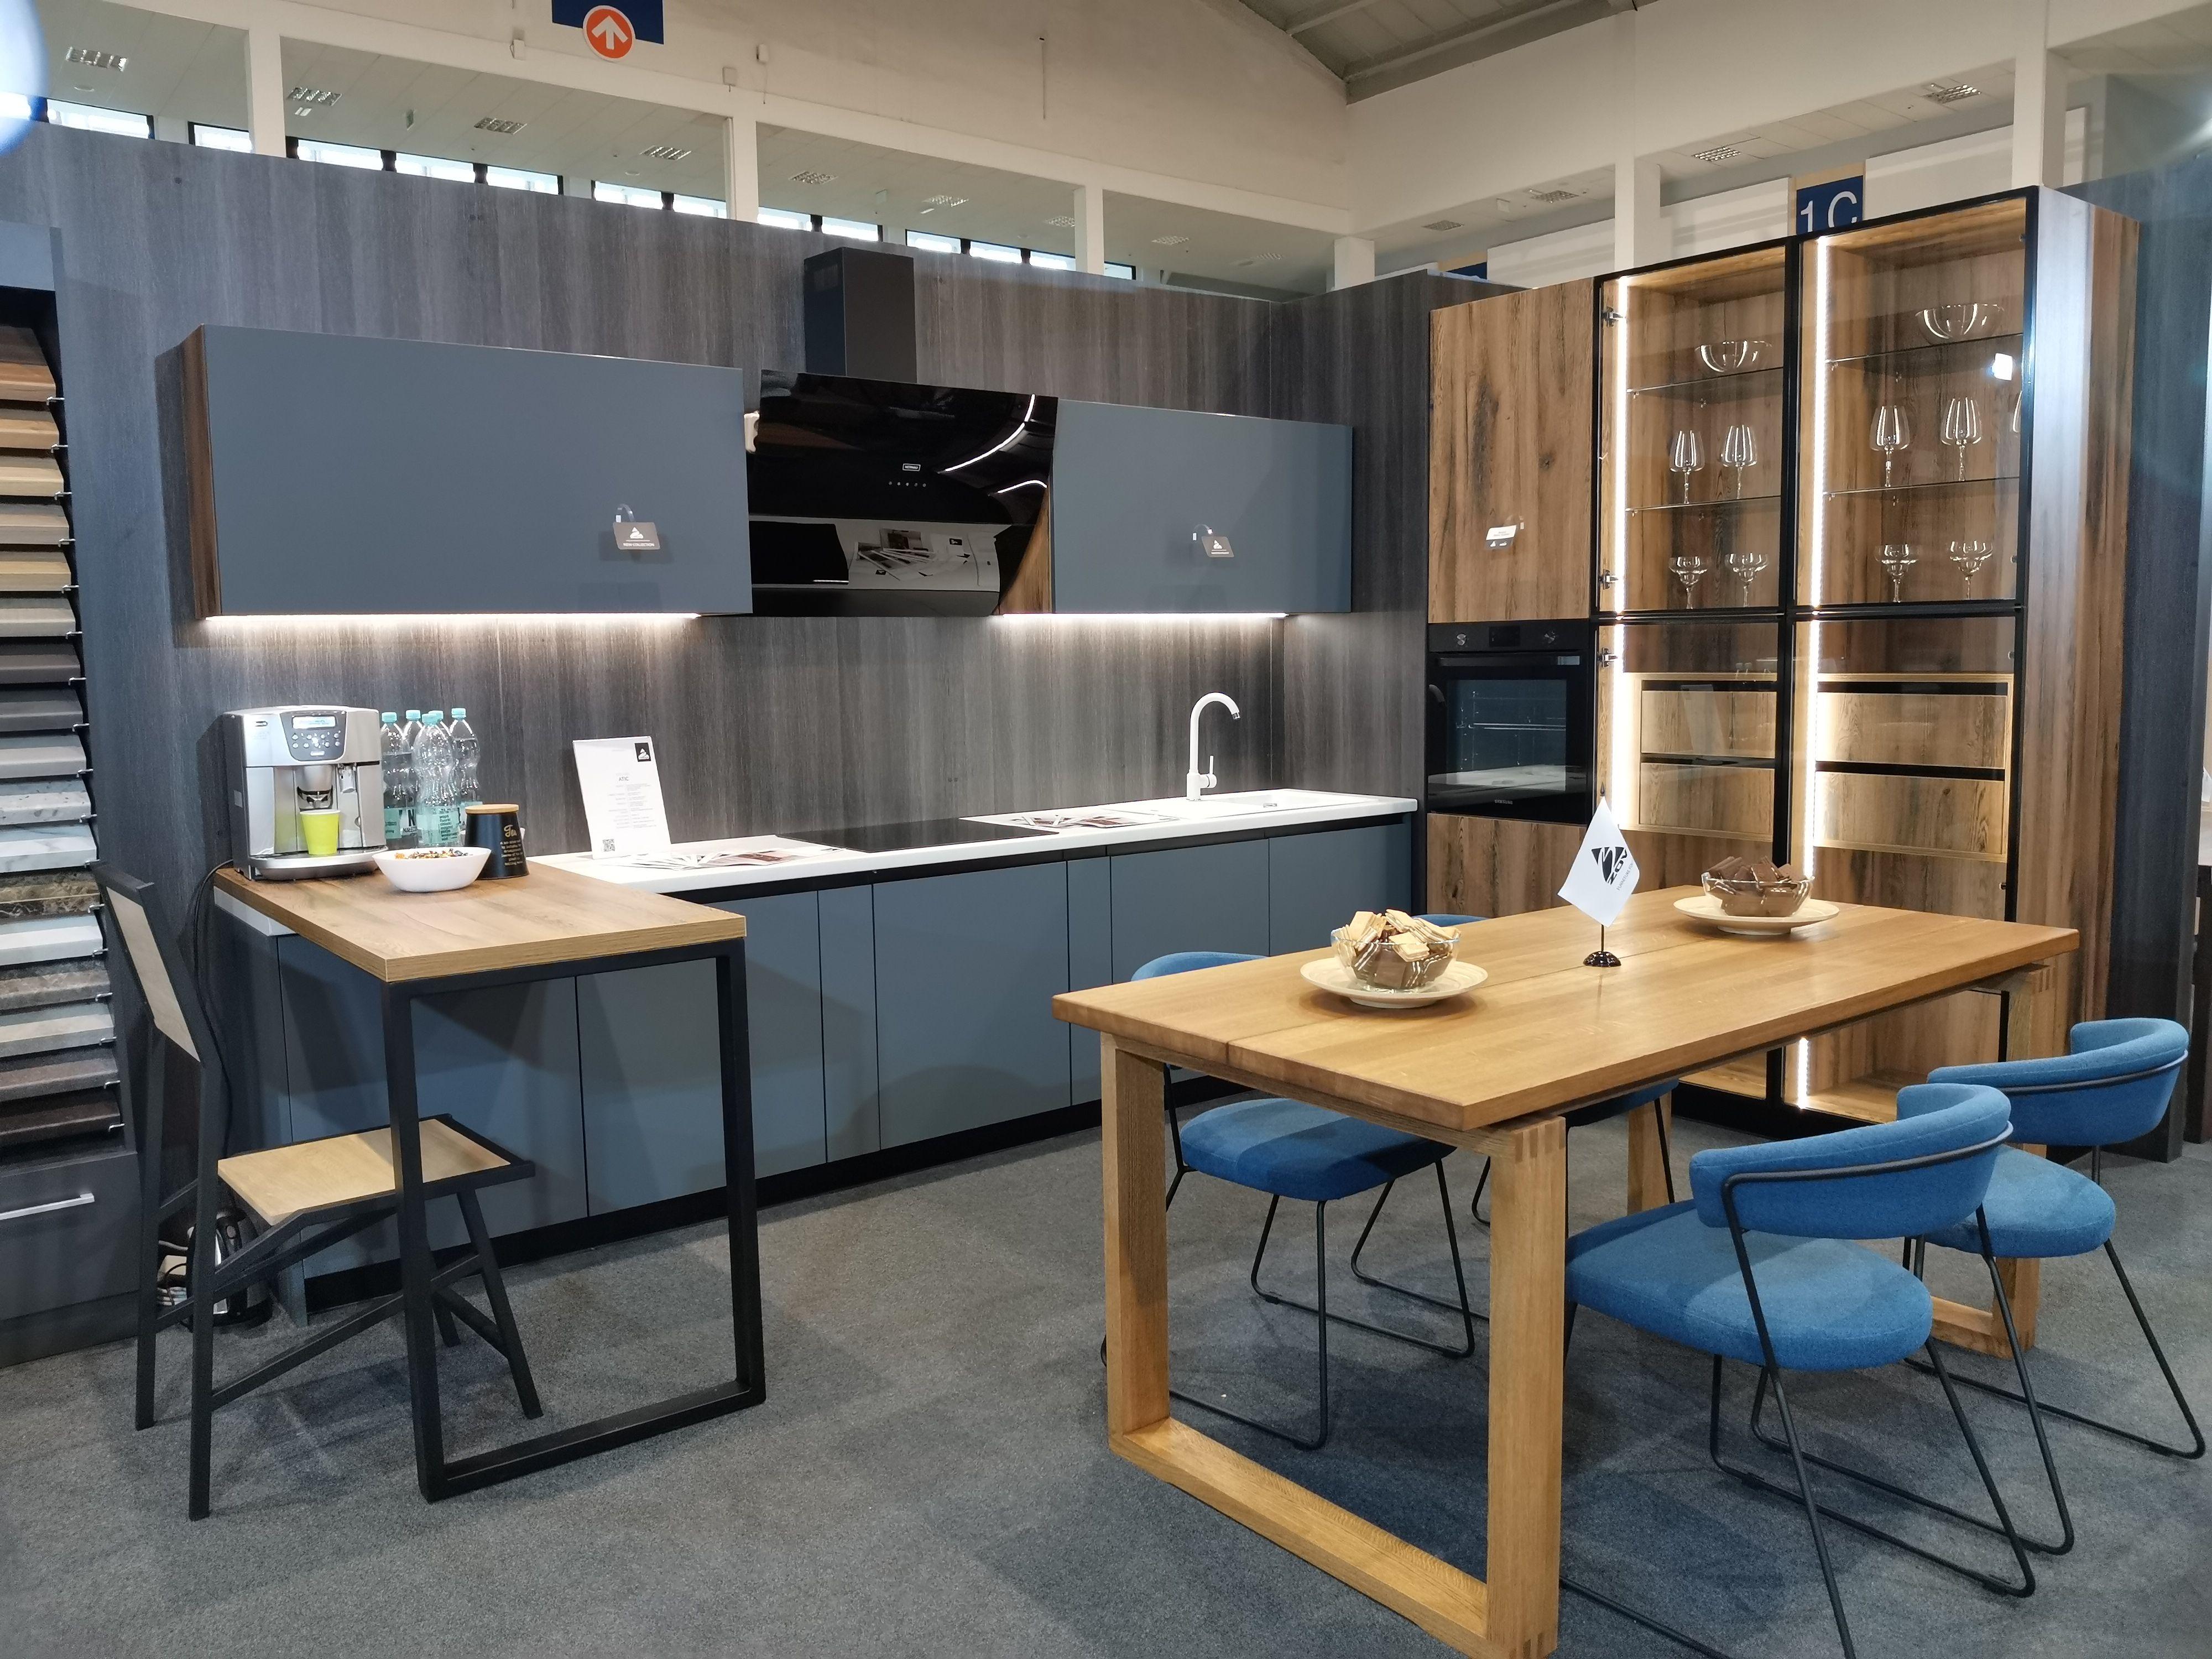 Pin By Zov Kuchnie On Realizacje Kuchnie Na Wymiar Furniture Home Decor Home